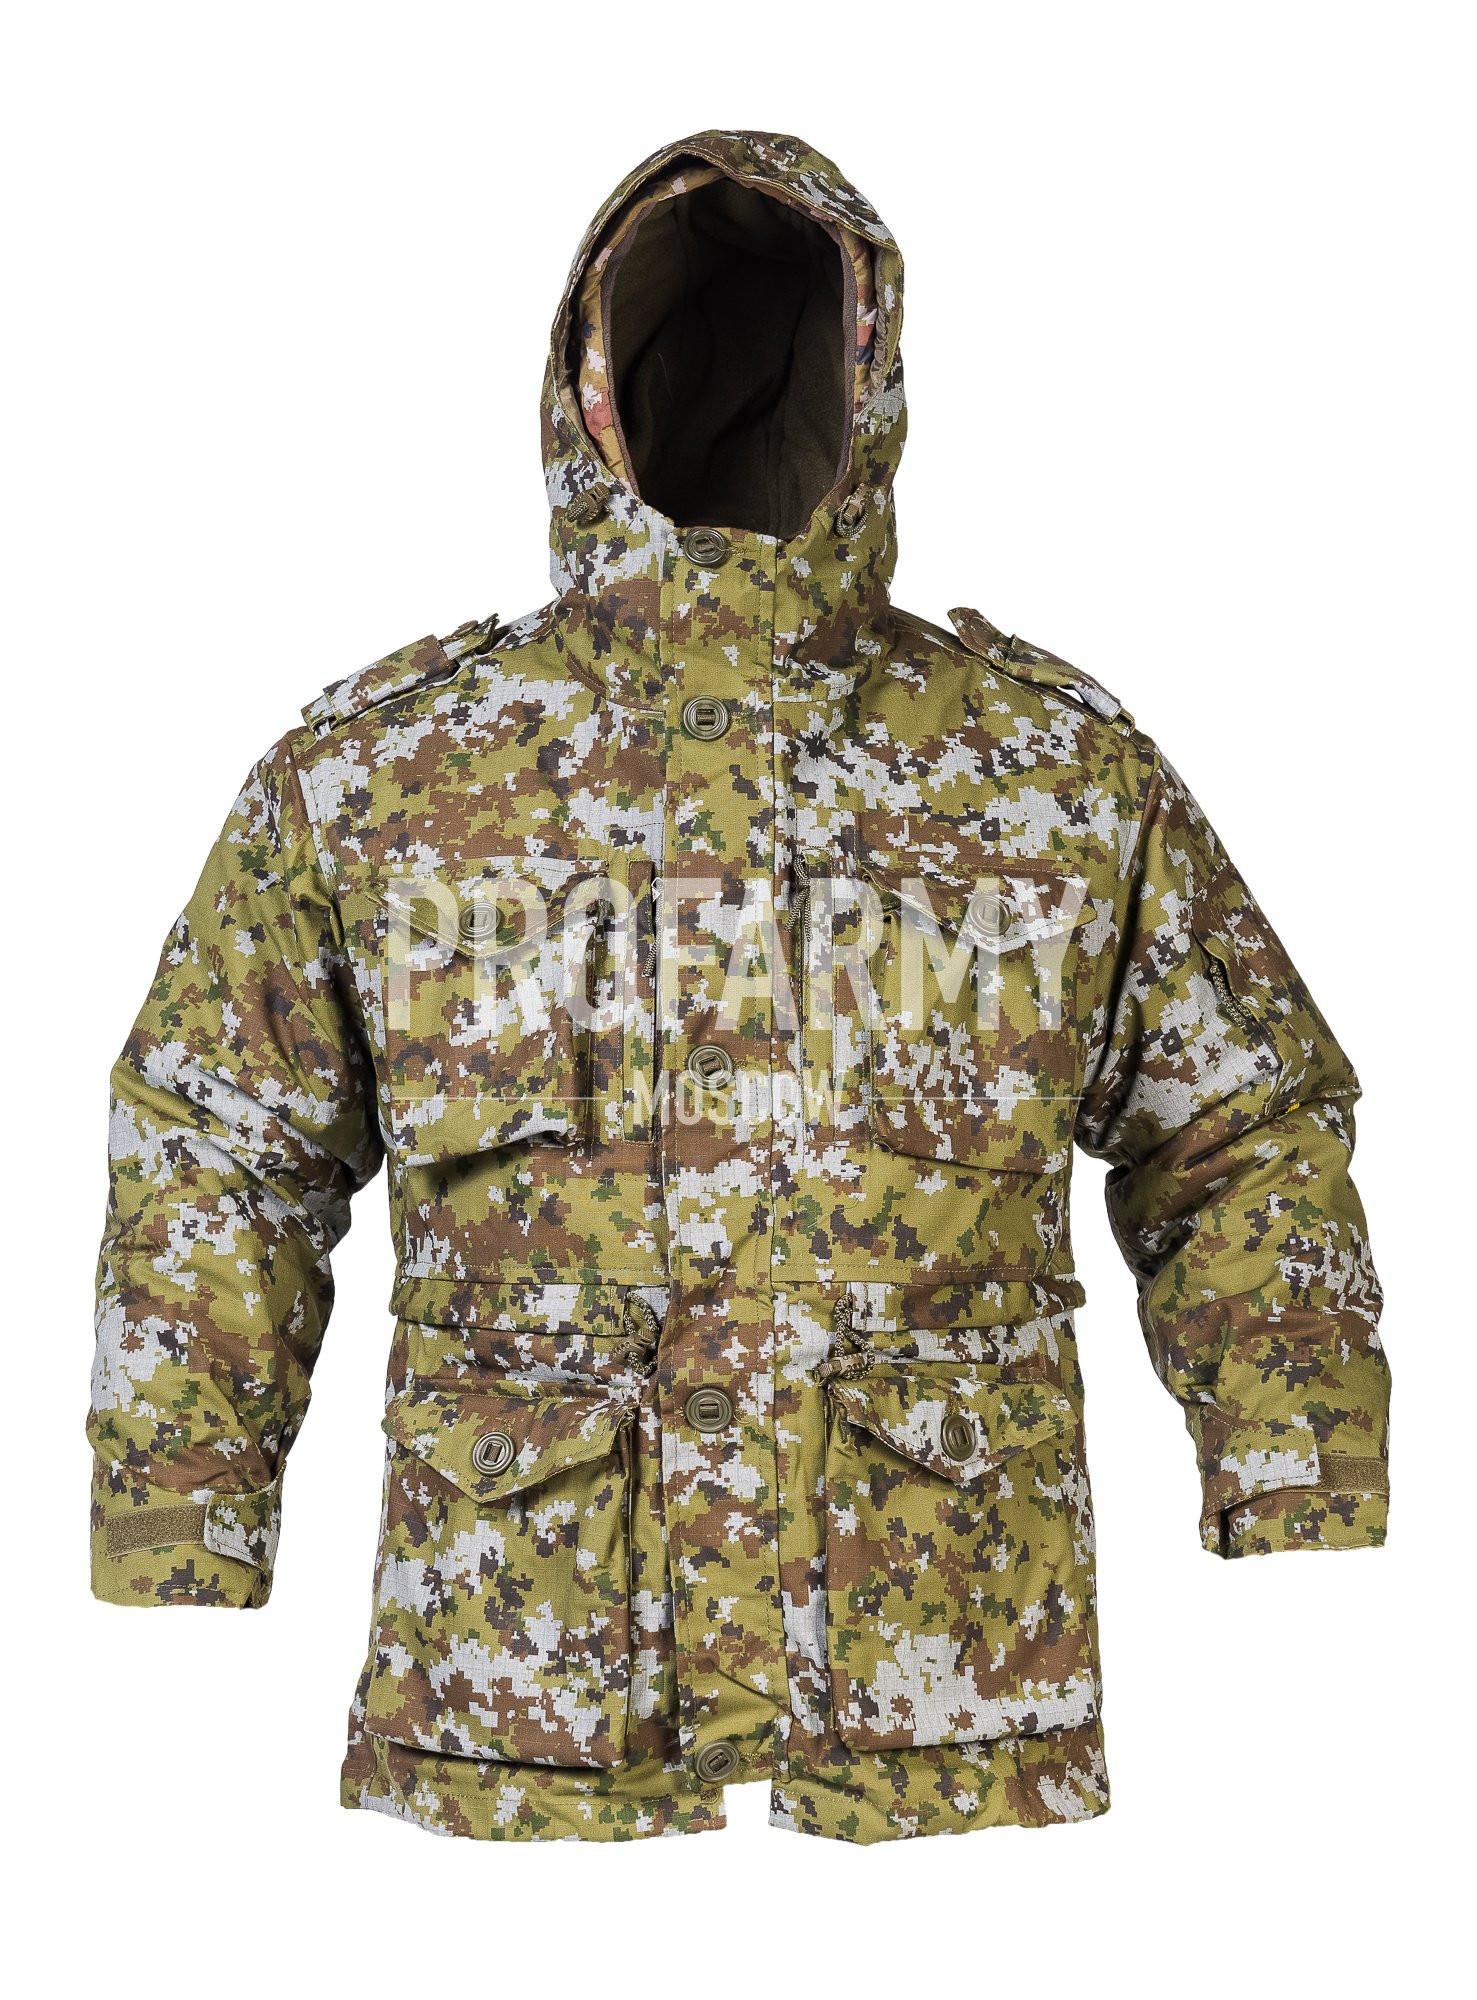 75b41be39e00 Куртка Смок (новый пограничник) твил, производитель PROFARMY Купить ...